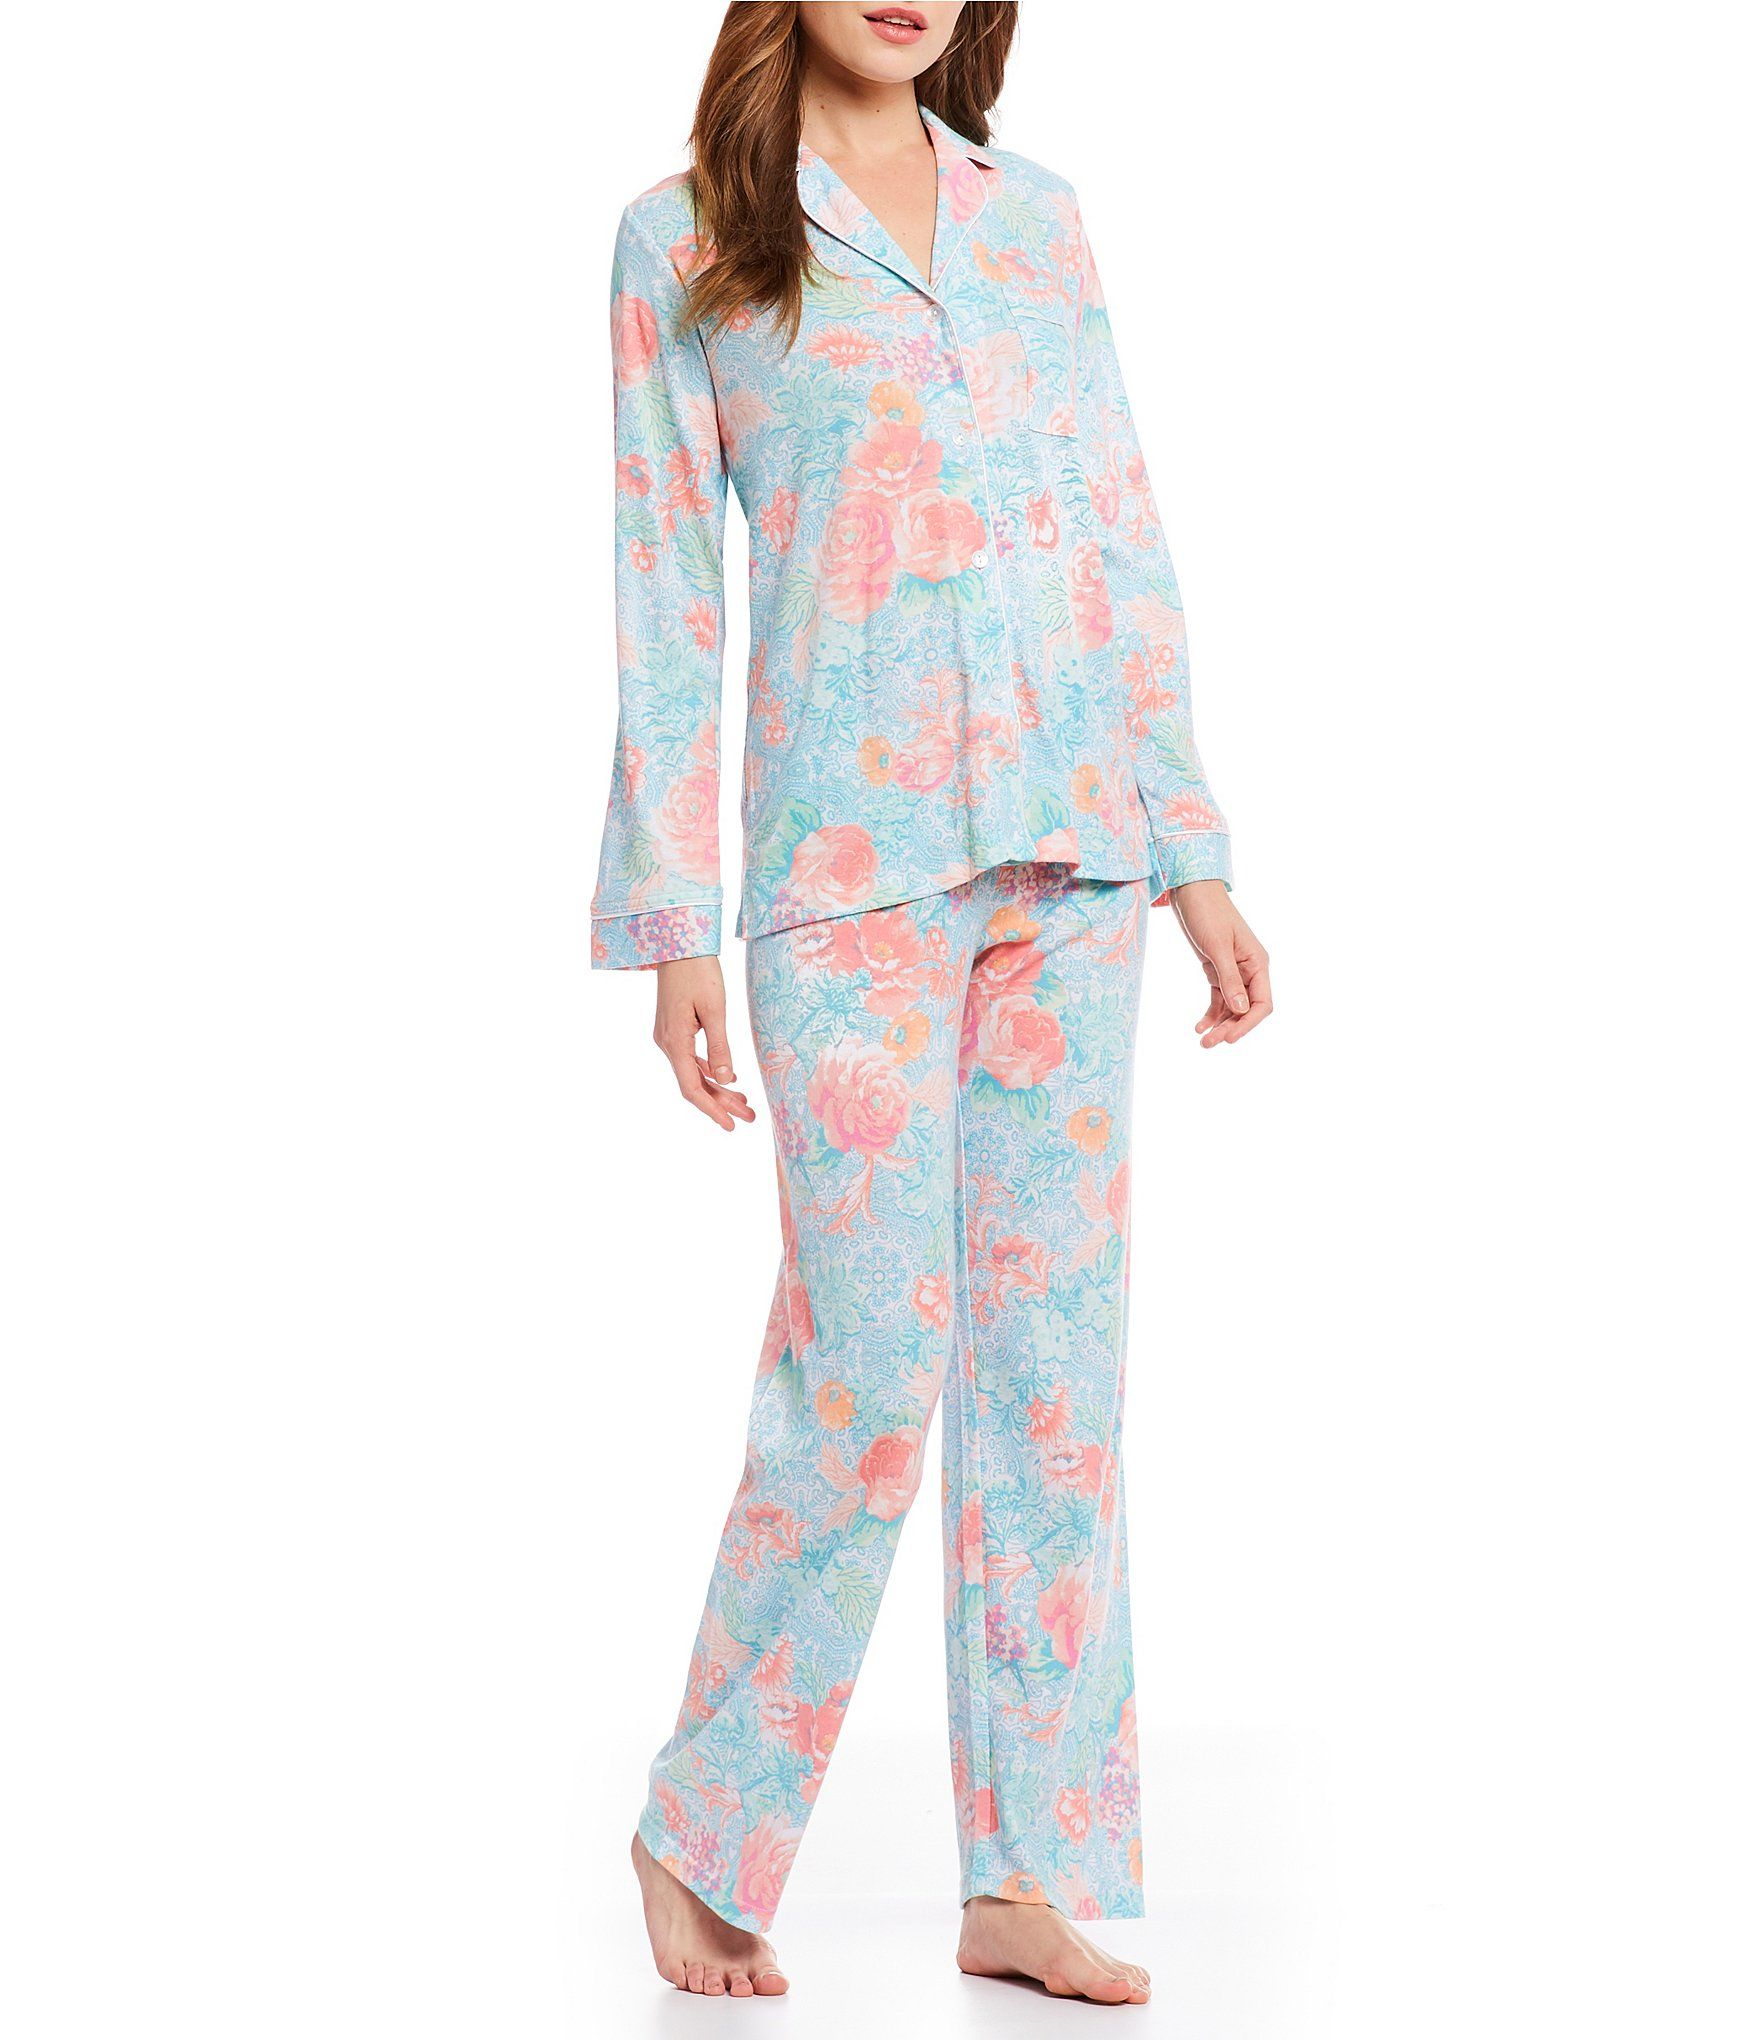 8e3770e819 Miss Elaine Cottonessa Floral and Filigree Pajamas  Dillards ...